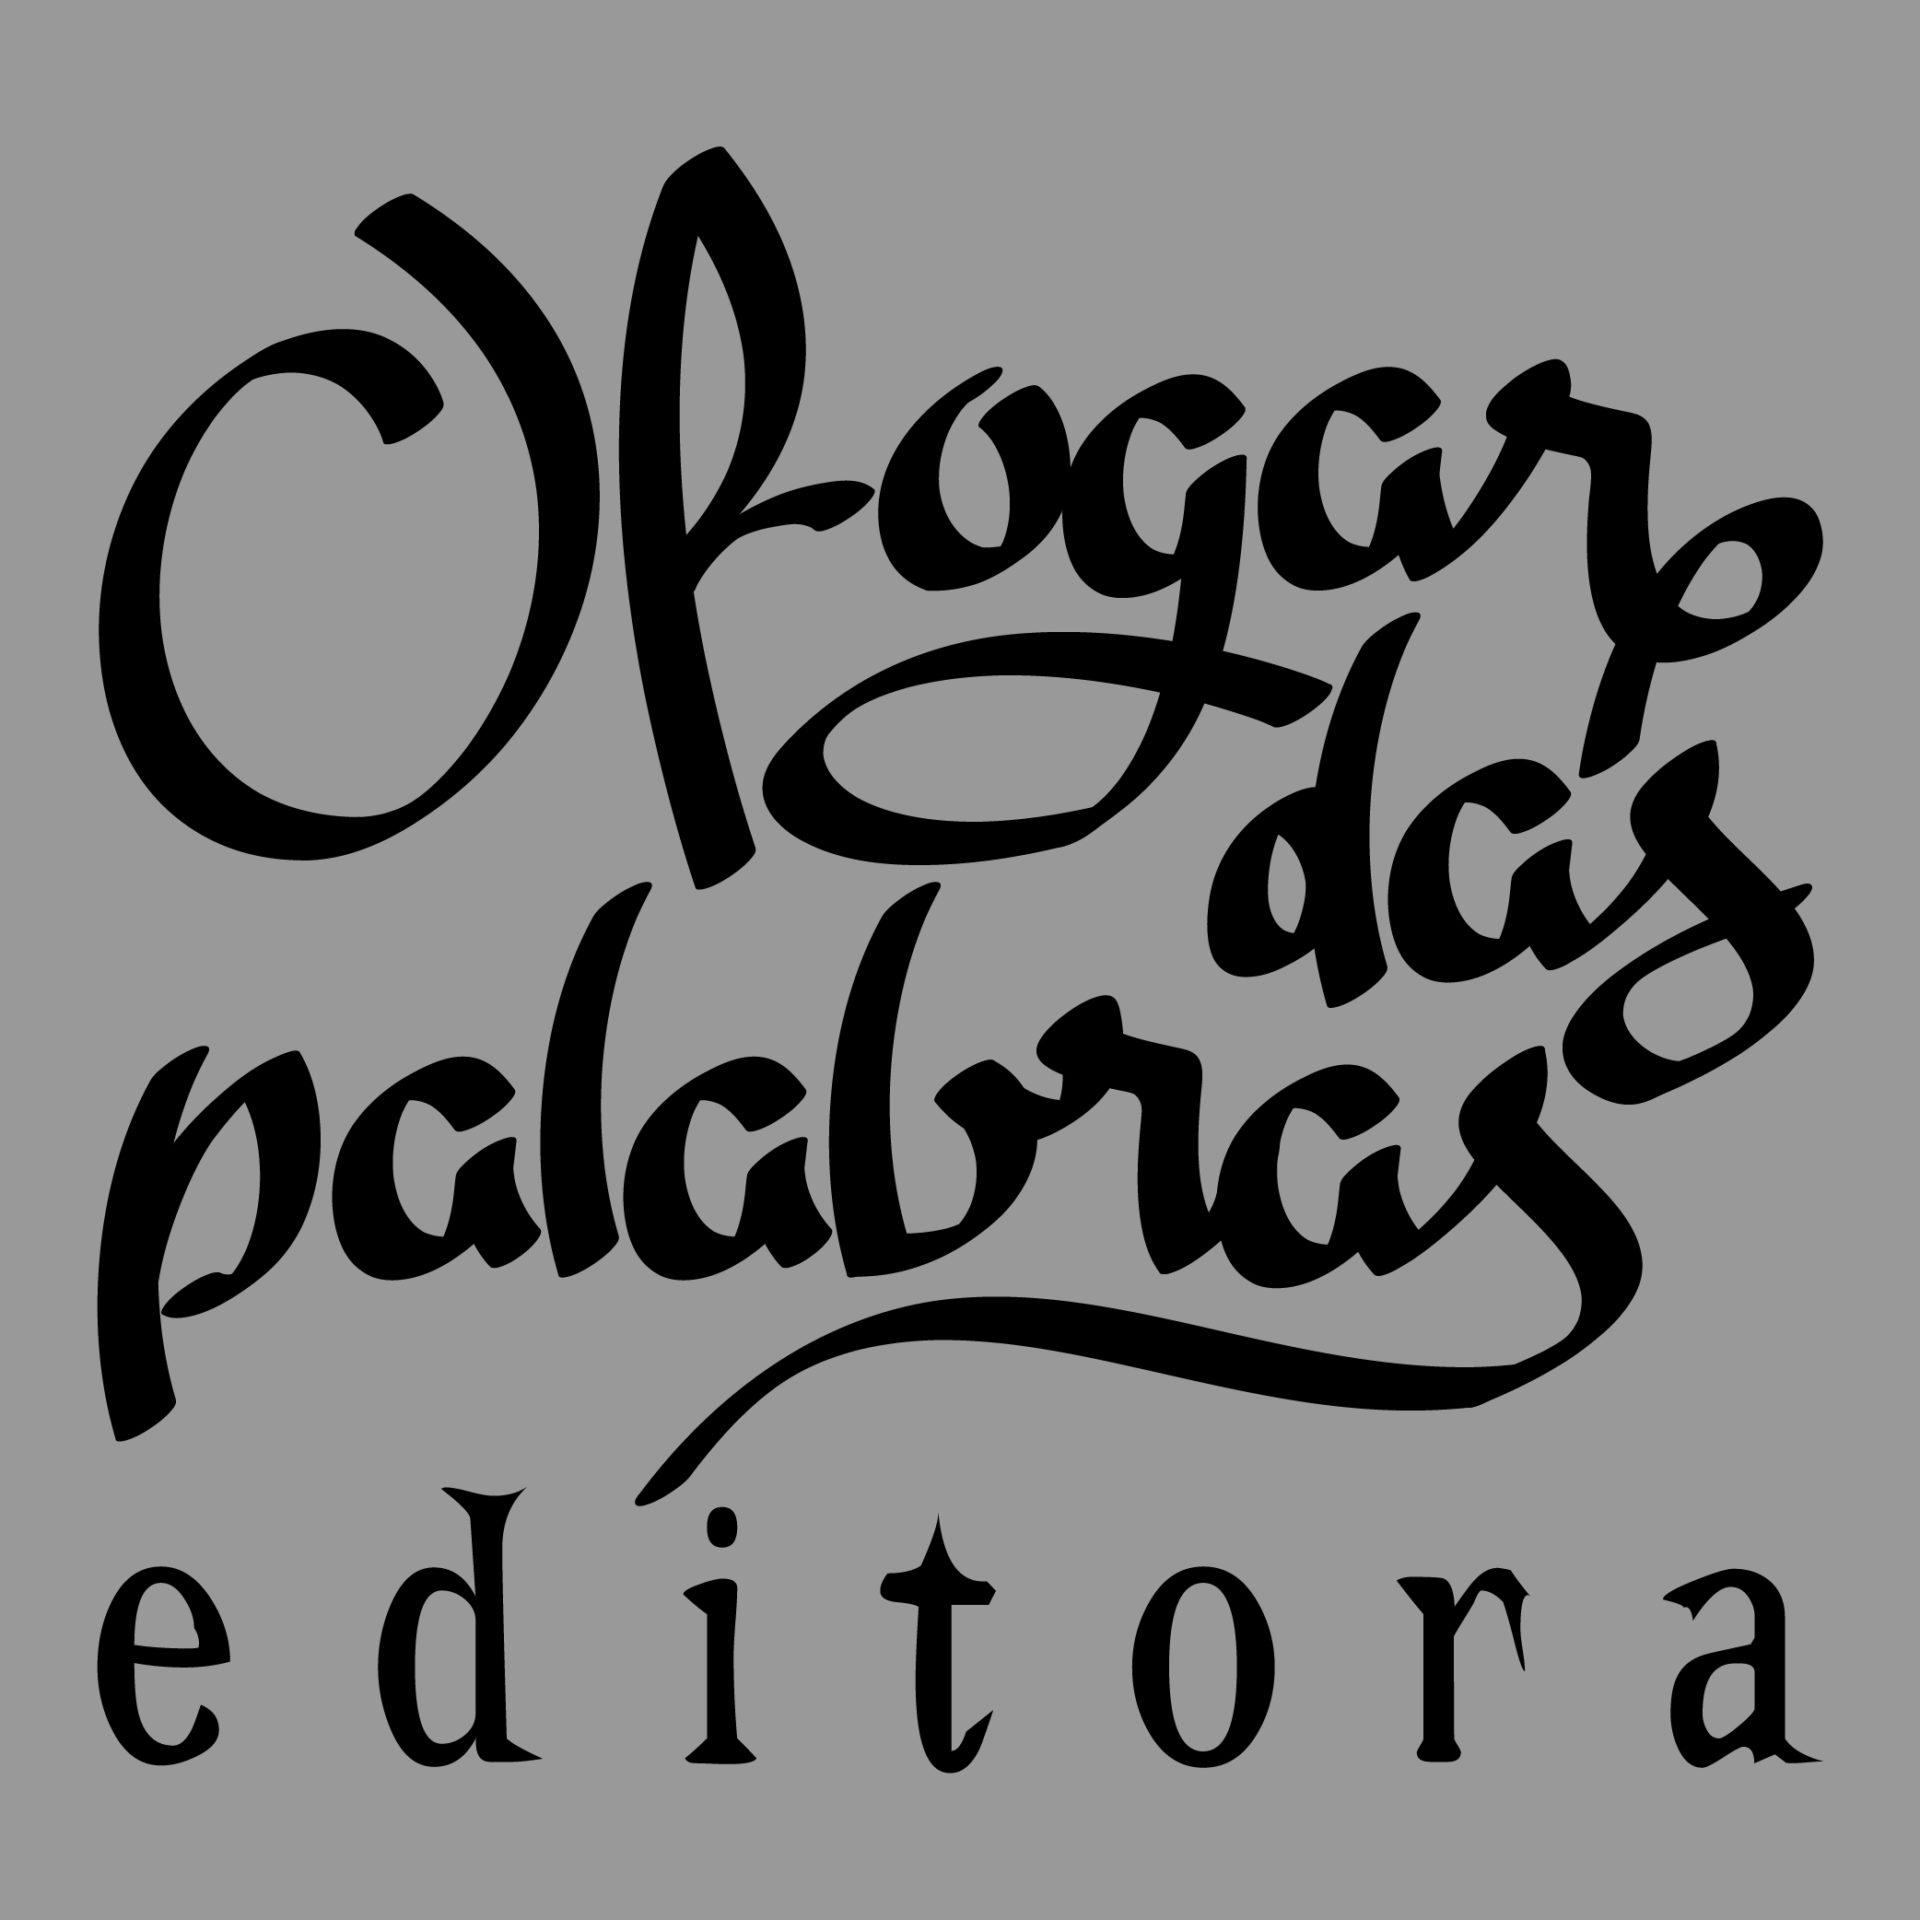 O FOGAR DAS PALABRAS